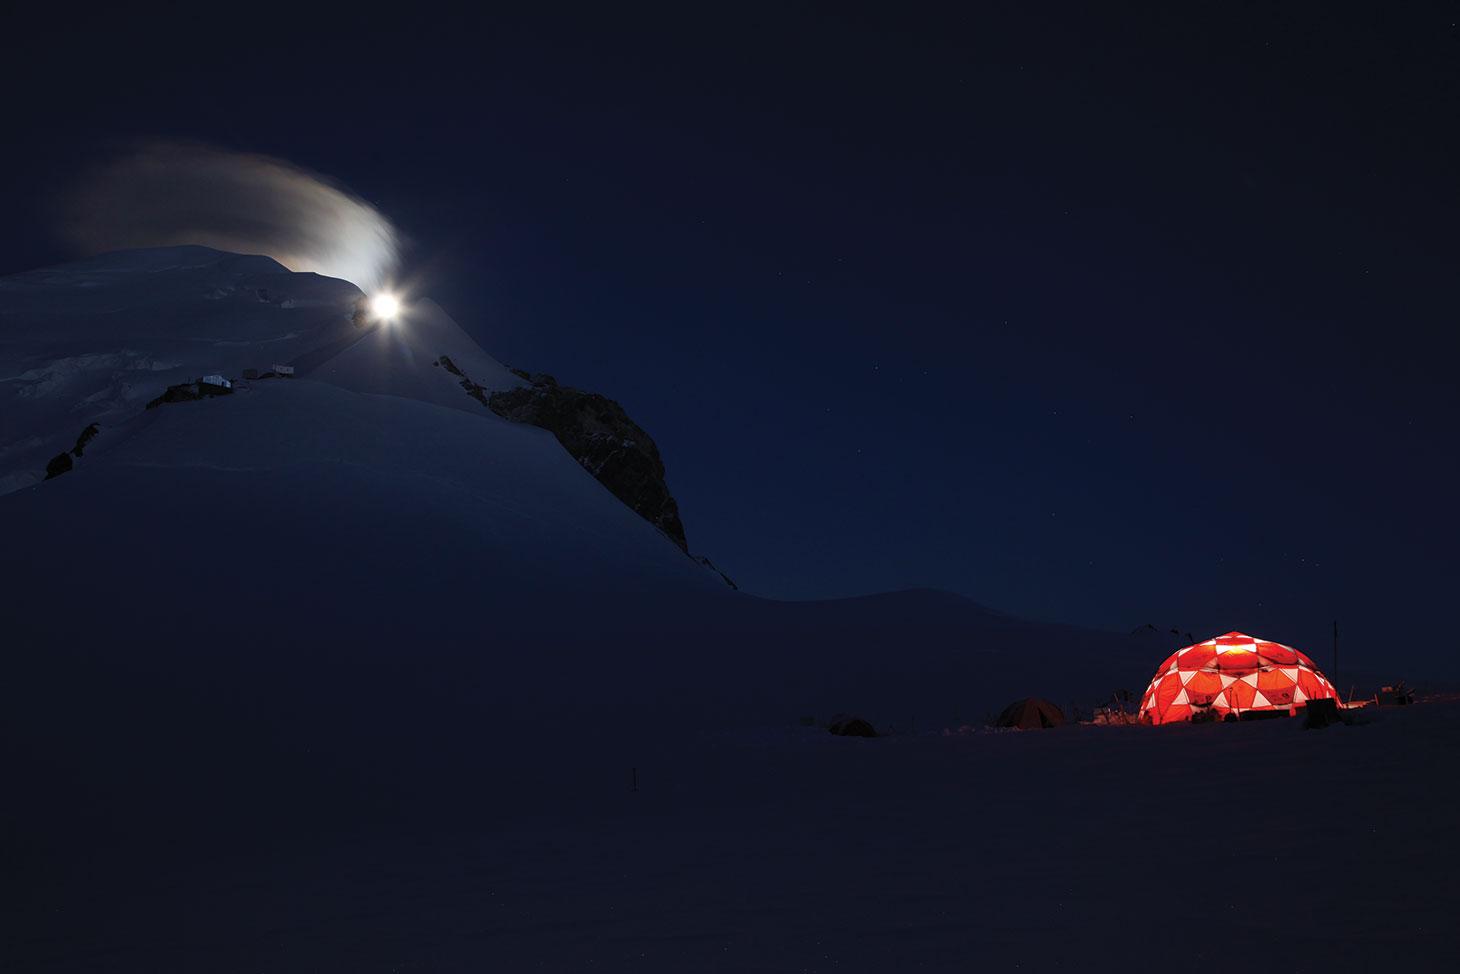 Vue de nuit du camp de vie et du site de forage.